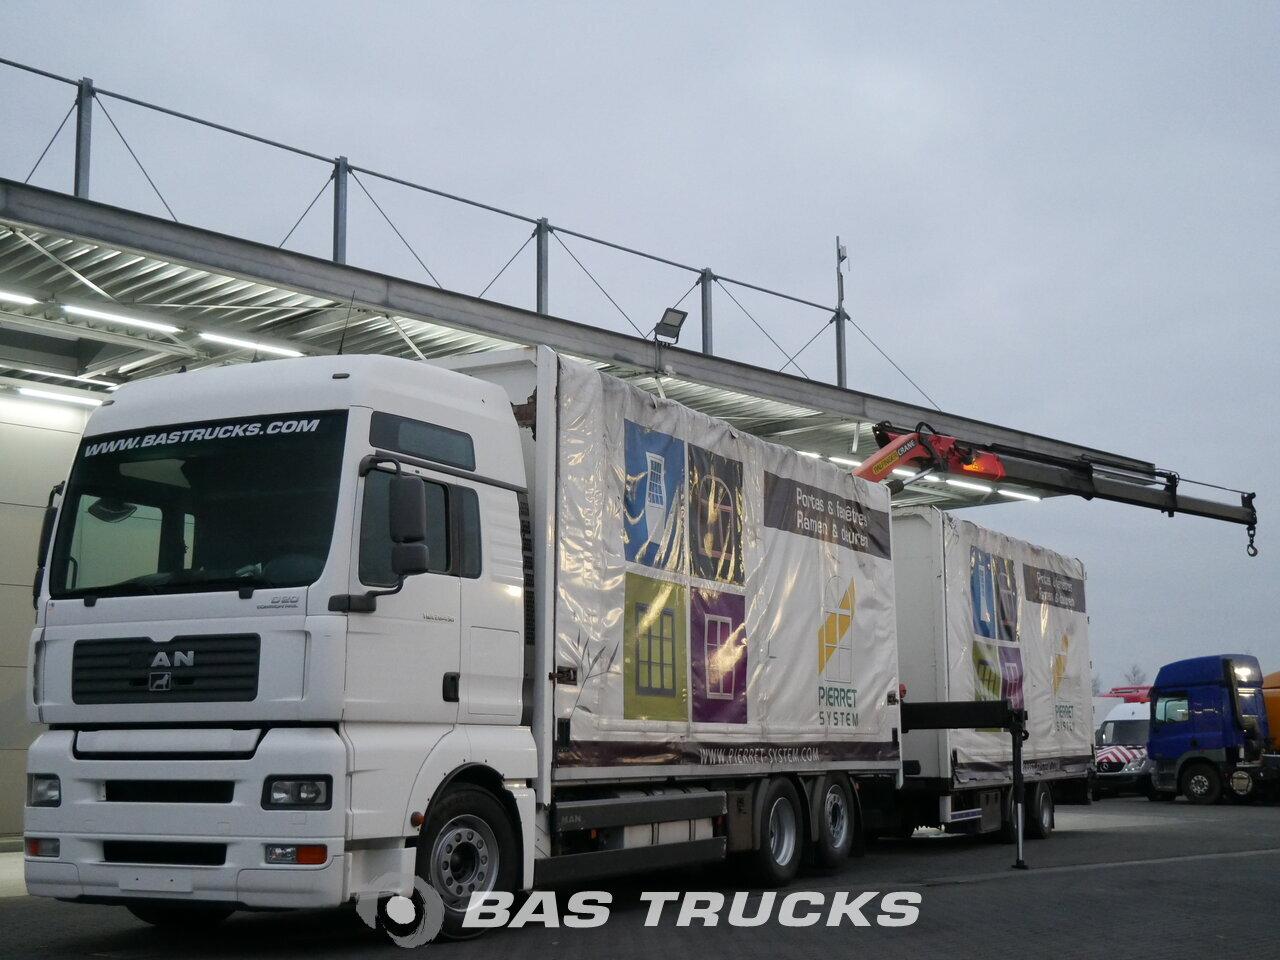 Austria Deuren Dealers : Man tga 26.430 xxl Грузовик Прицеп bas trucks